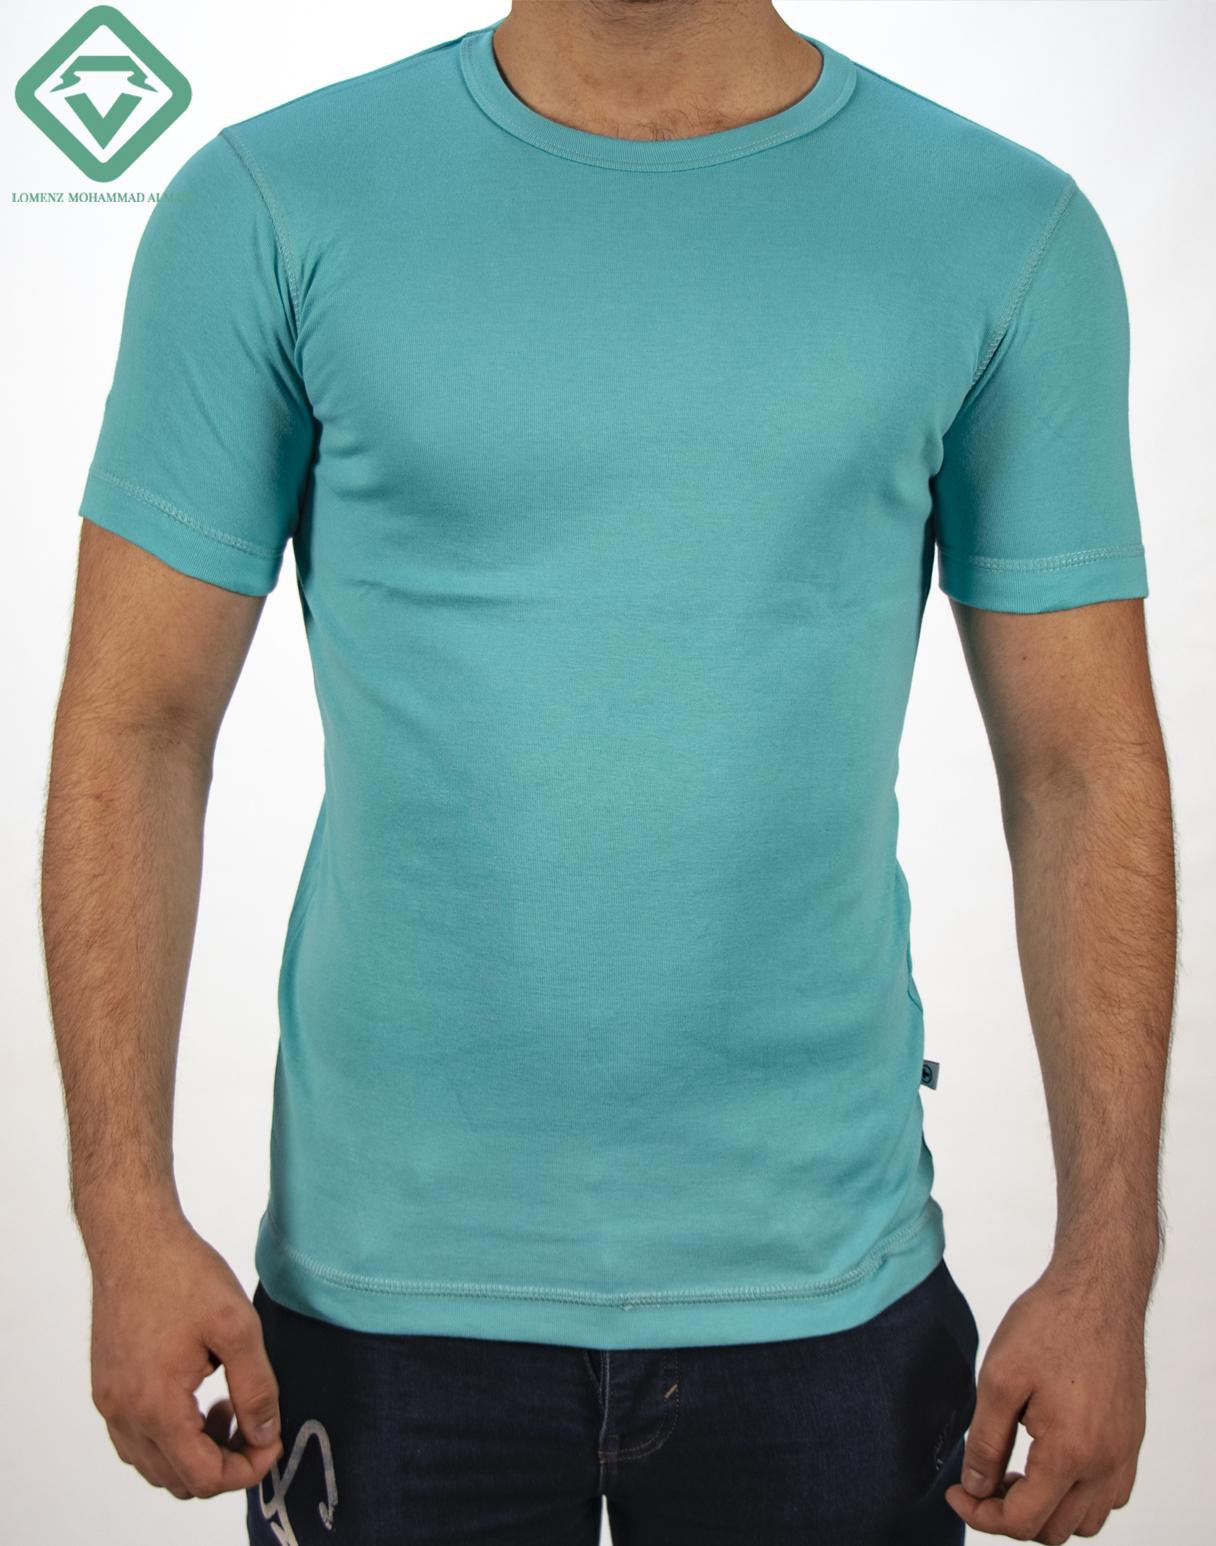 تیشرت تام تیلور از سایز S تا XXXL | فروشگاه لومنز